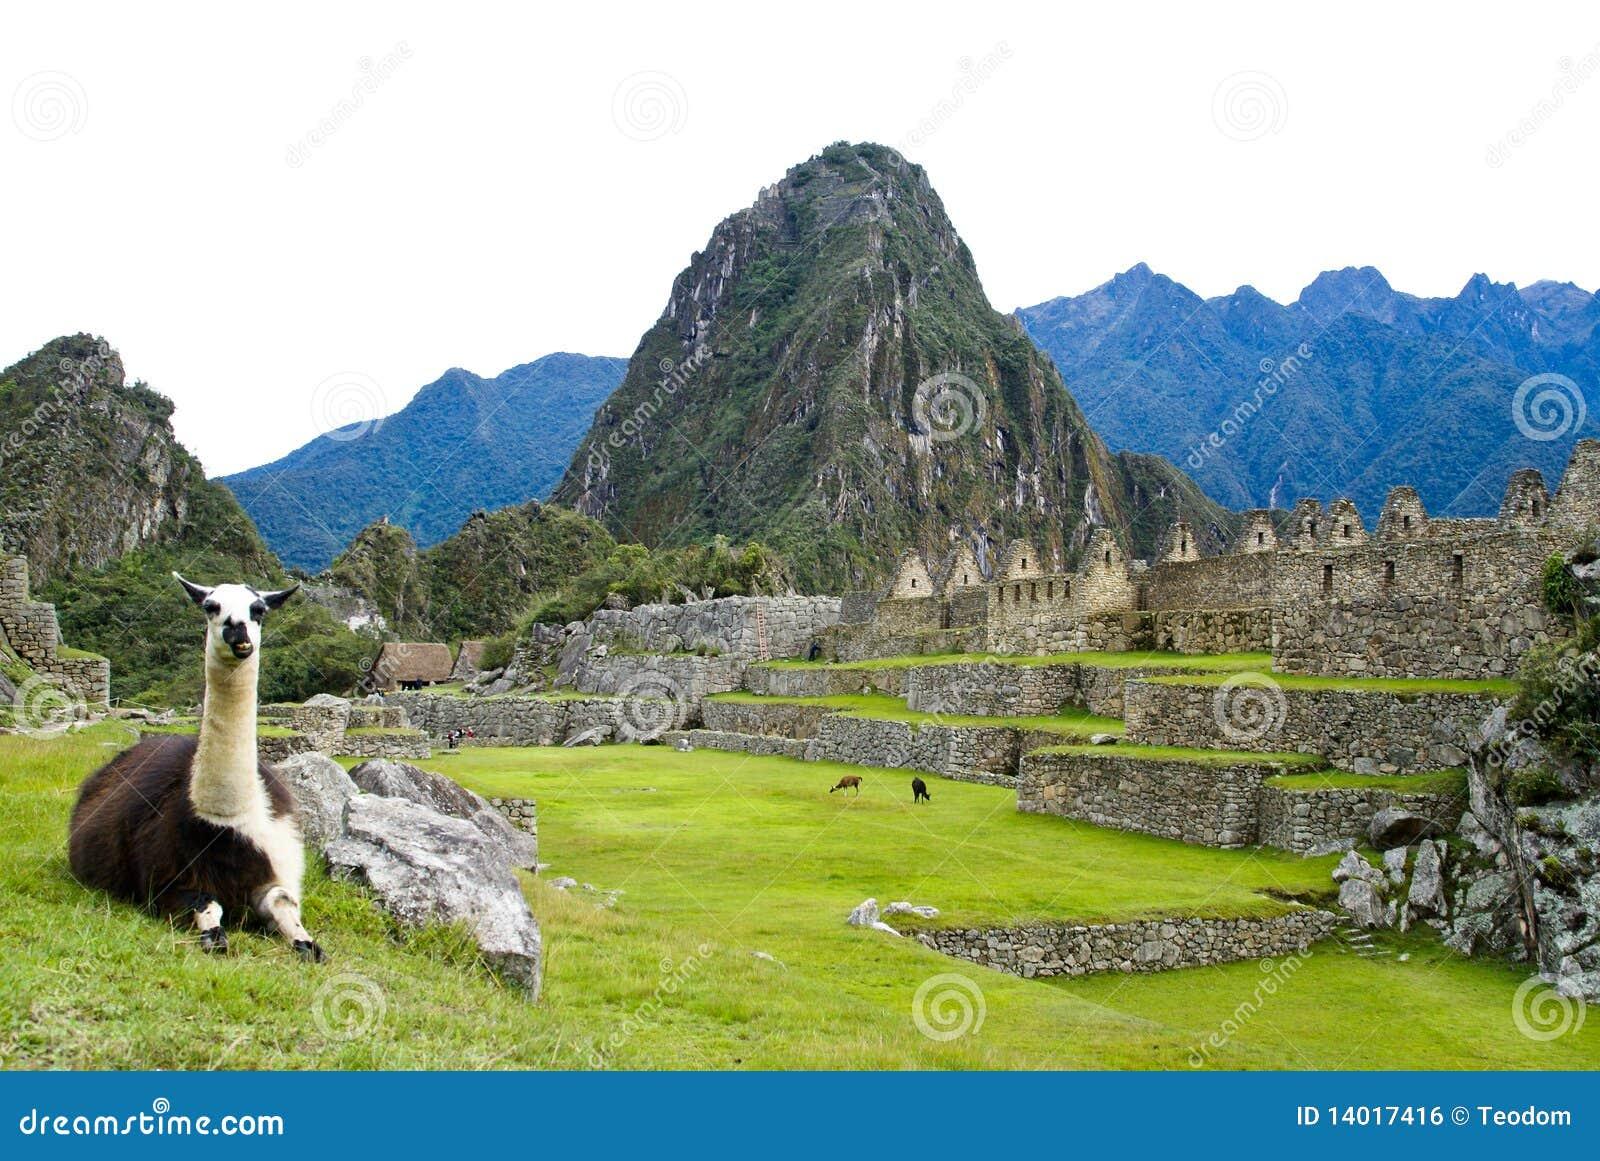 Lama em Machu Picchu, Peru